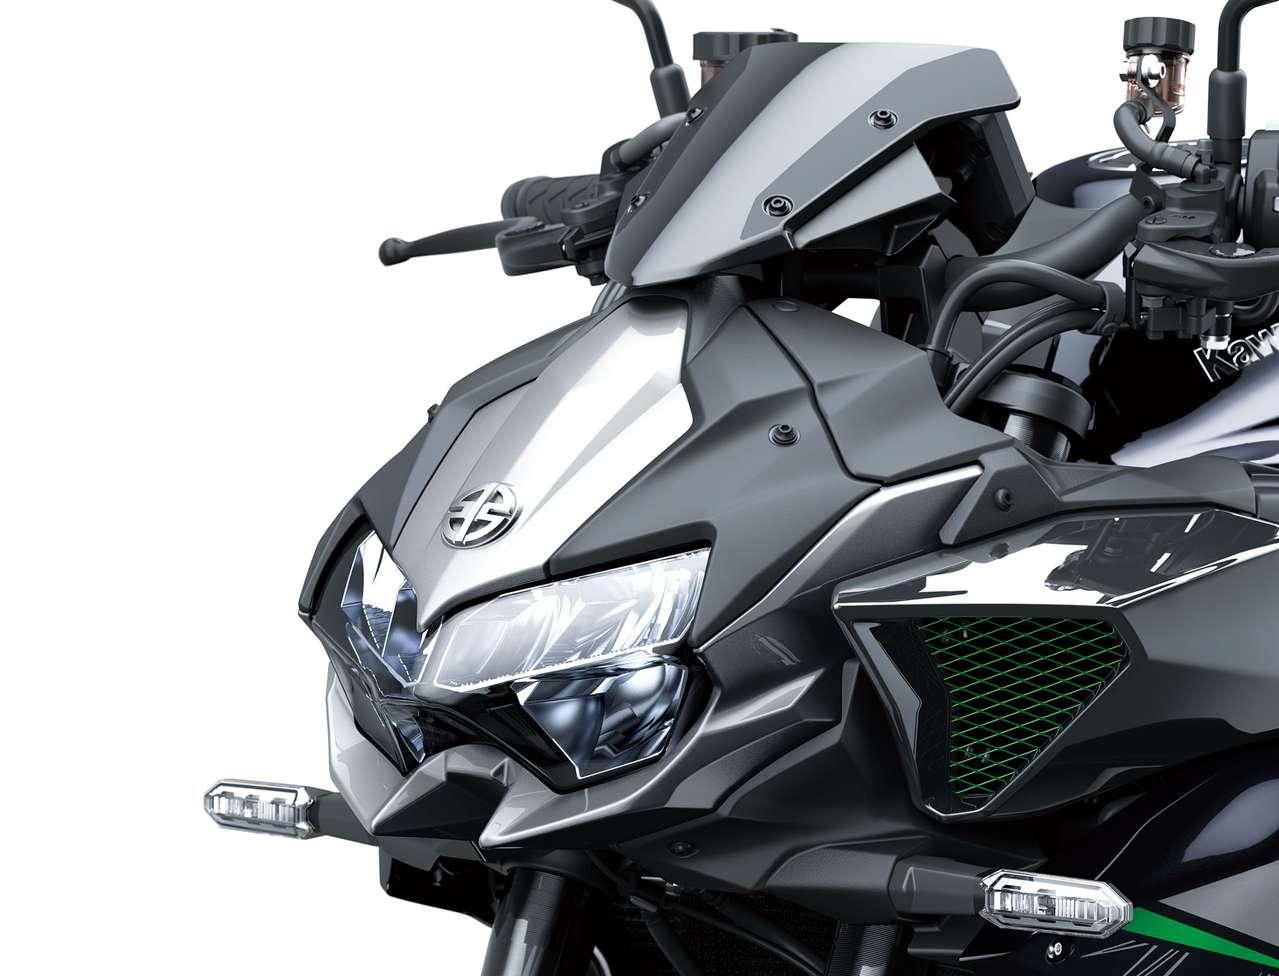 Die Lichtmaske erinnert sowohl an Z- als auch H2-Modelle.